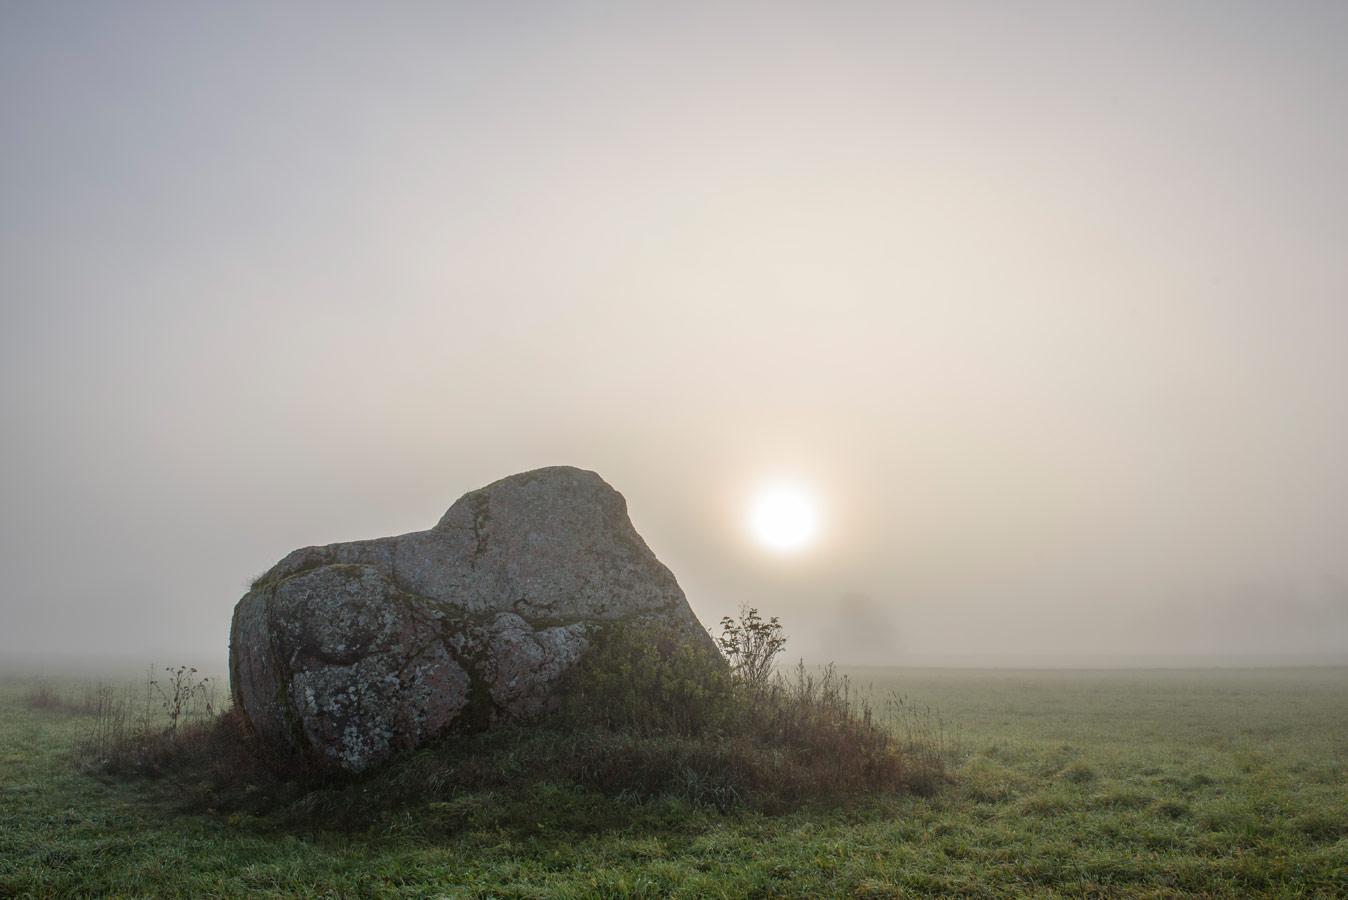 Колдовское утро, © Урве Херманн, Фотоконкурс «Священные природные места»